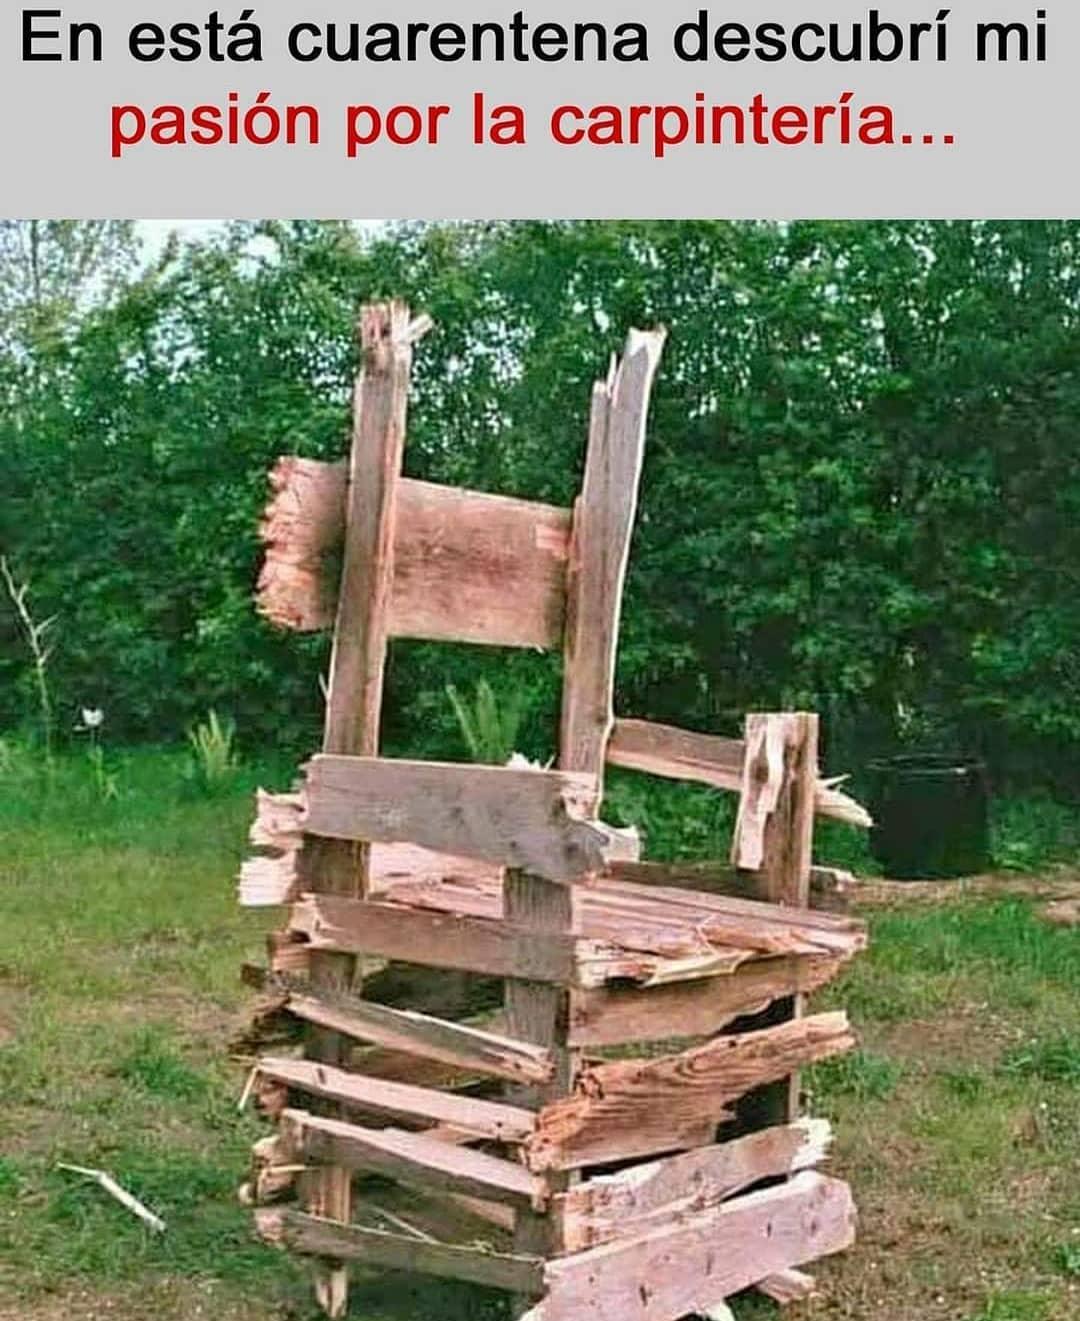 En esta cuarentena descubrí mi pasión por la carpintería...